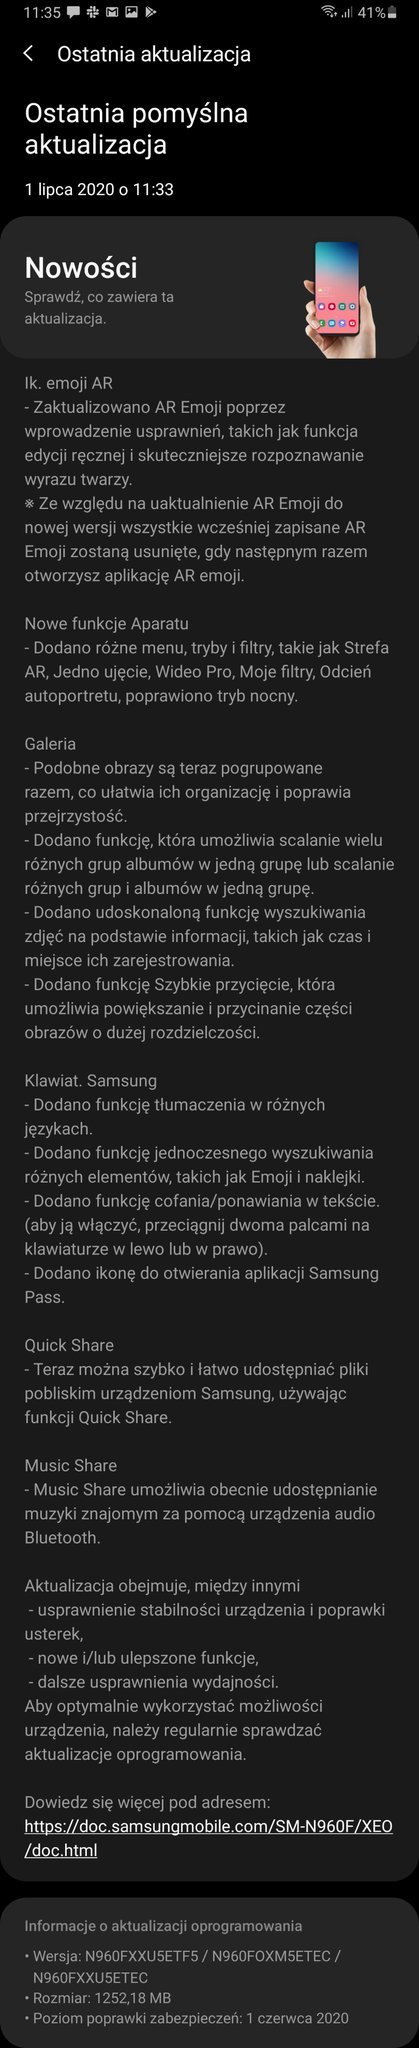 Samsung Galaxy Note 9 otrzymał One UI 2.1 w Polsce (XEO)